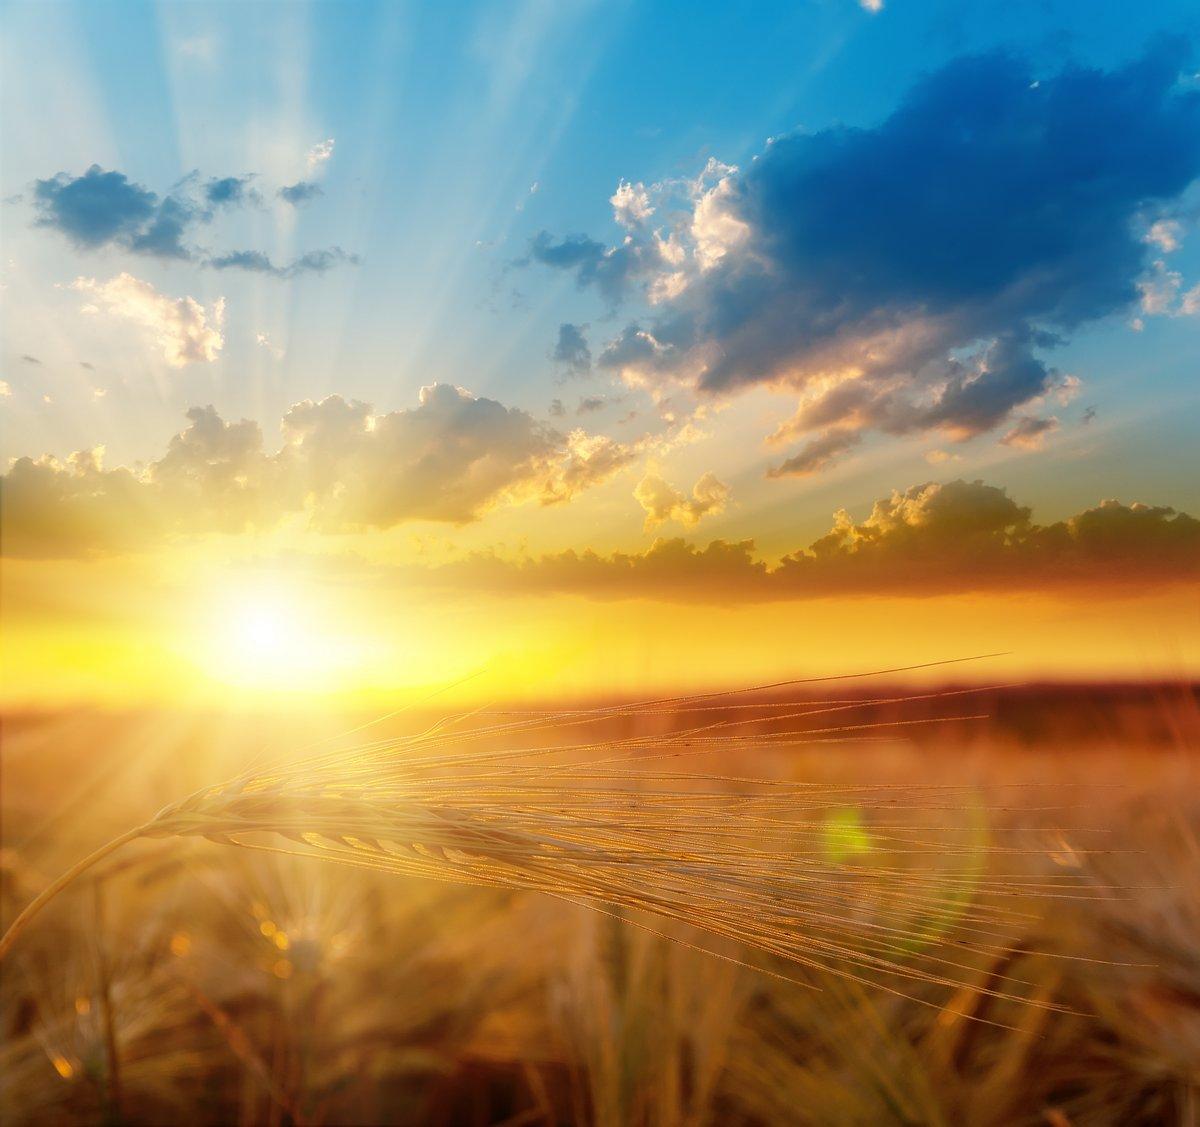 Постер Лето Золотой закат солнца в поле с ячменемЛето<br>Постер на холсте или бумаге. Любого нужного вам размера. В раме или без. Подвес в комплекте. Трехслойная надежная упаковка. Доставим в любую точку России. Вам осталось только повесить картину на стену!<br>